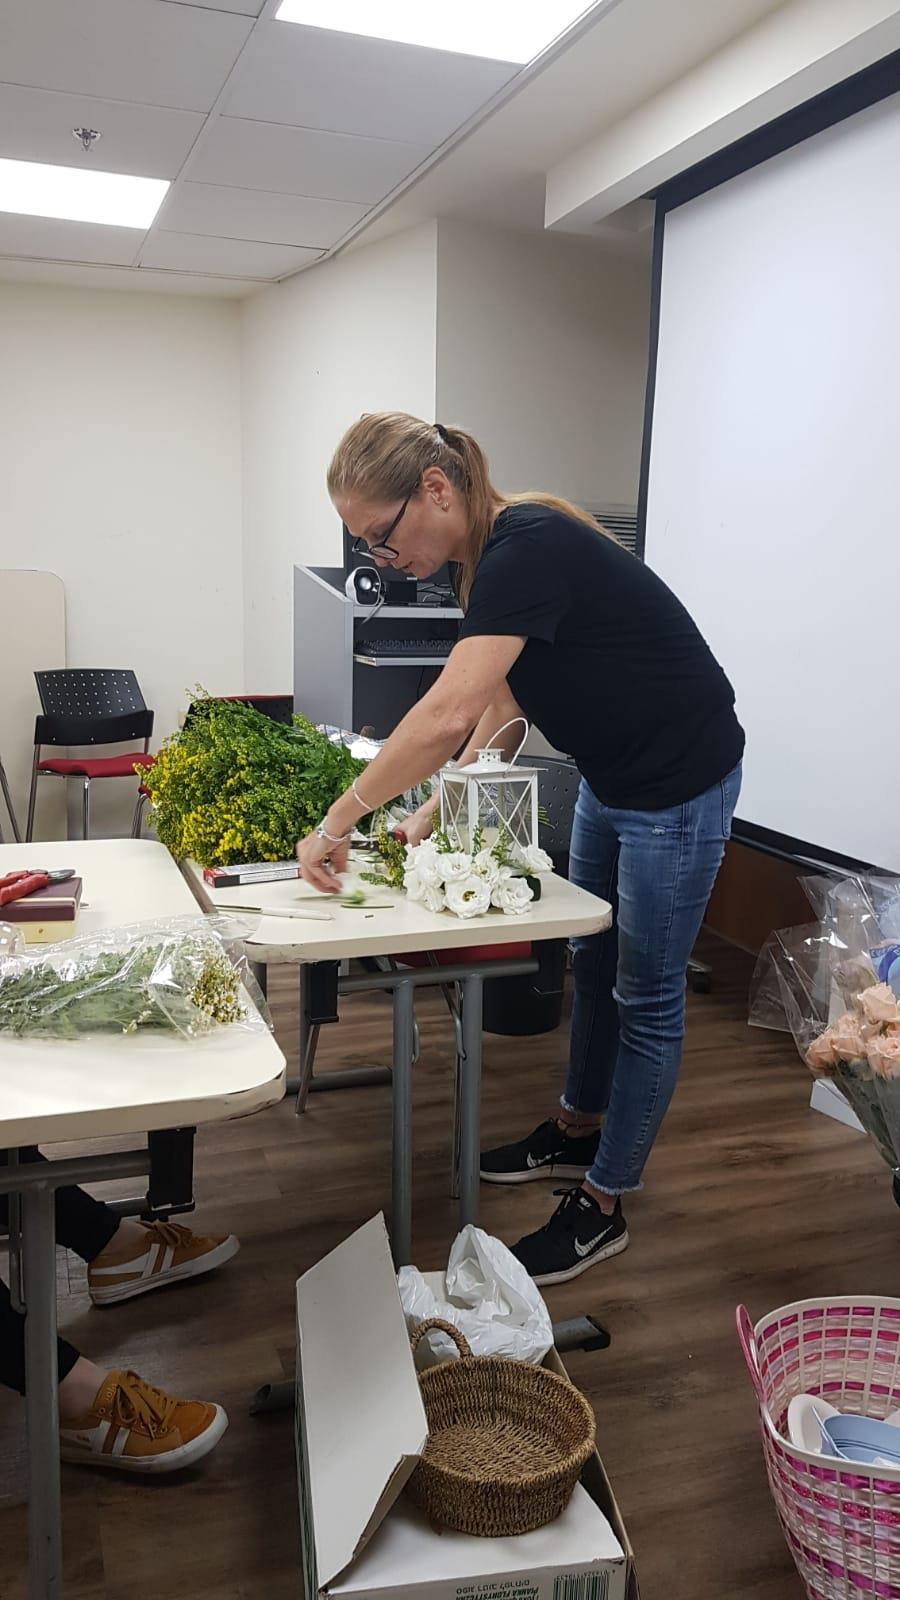 גלרייה - שיעור שזירת פרחים - קורס הפקת אירועים מחזור 24, 2 מתוך 35